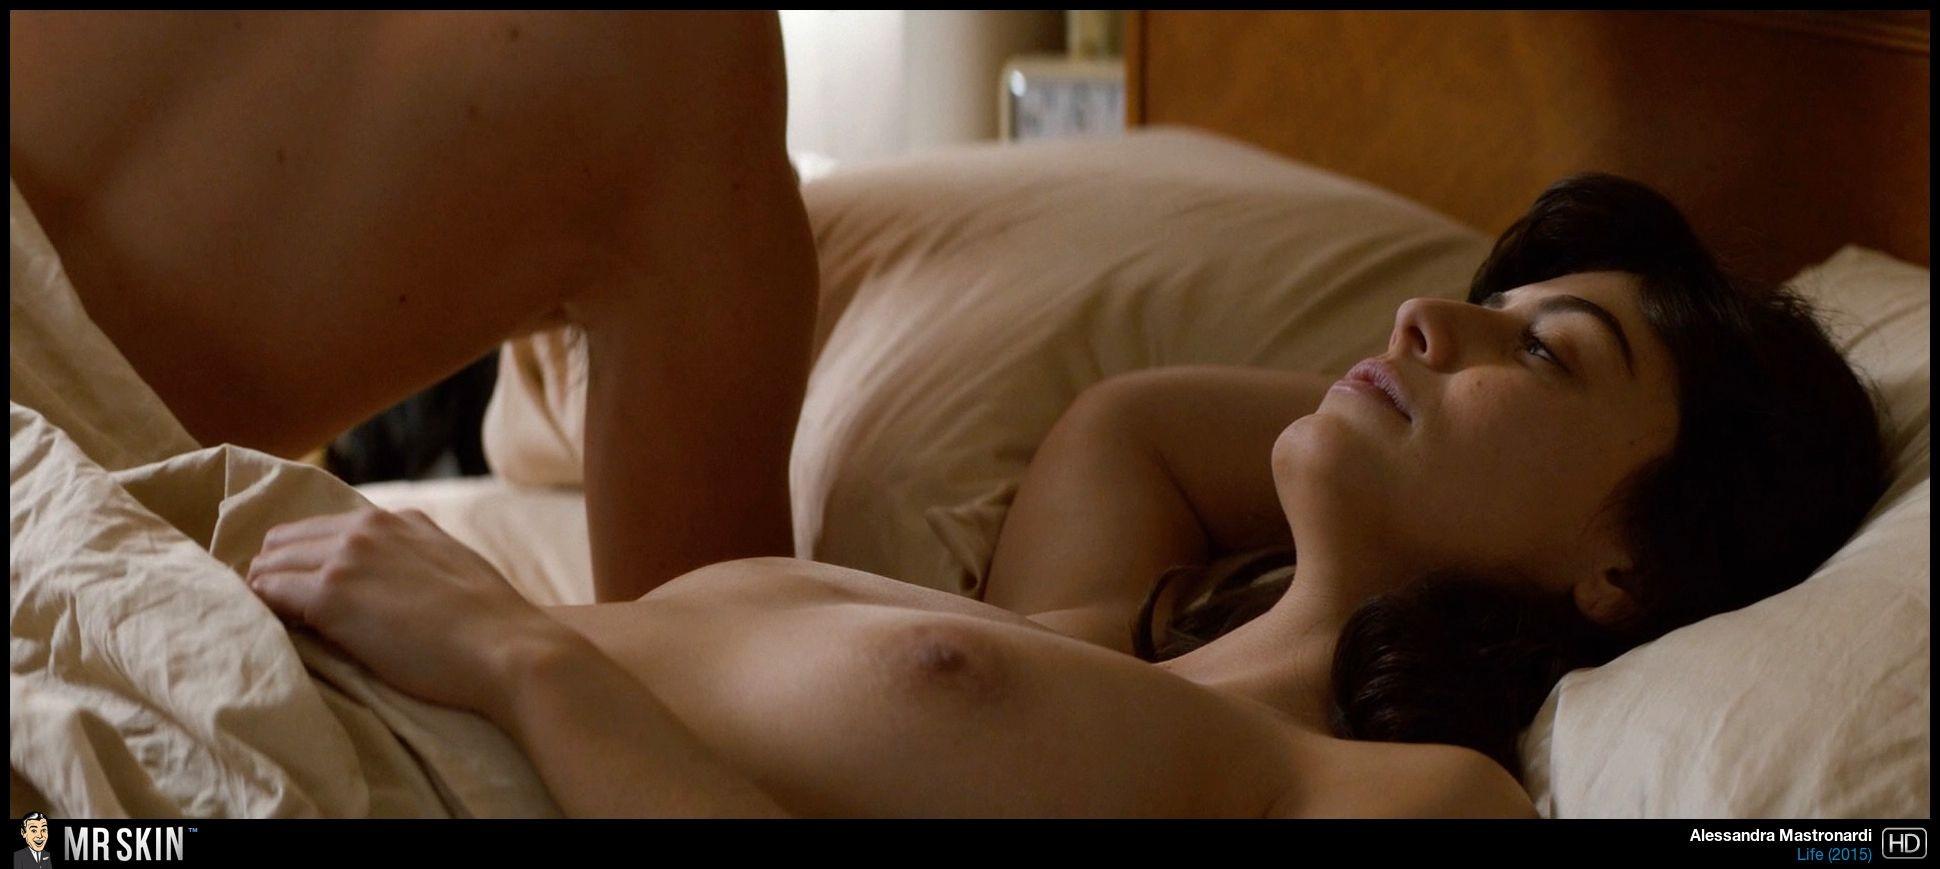 Model emily ratajkowski nude tits pussy selfies while bathing photo